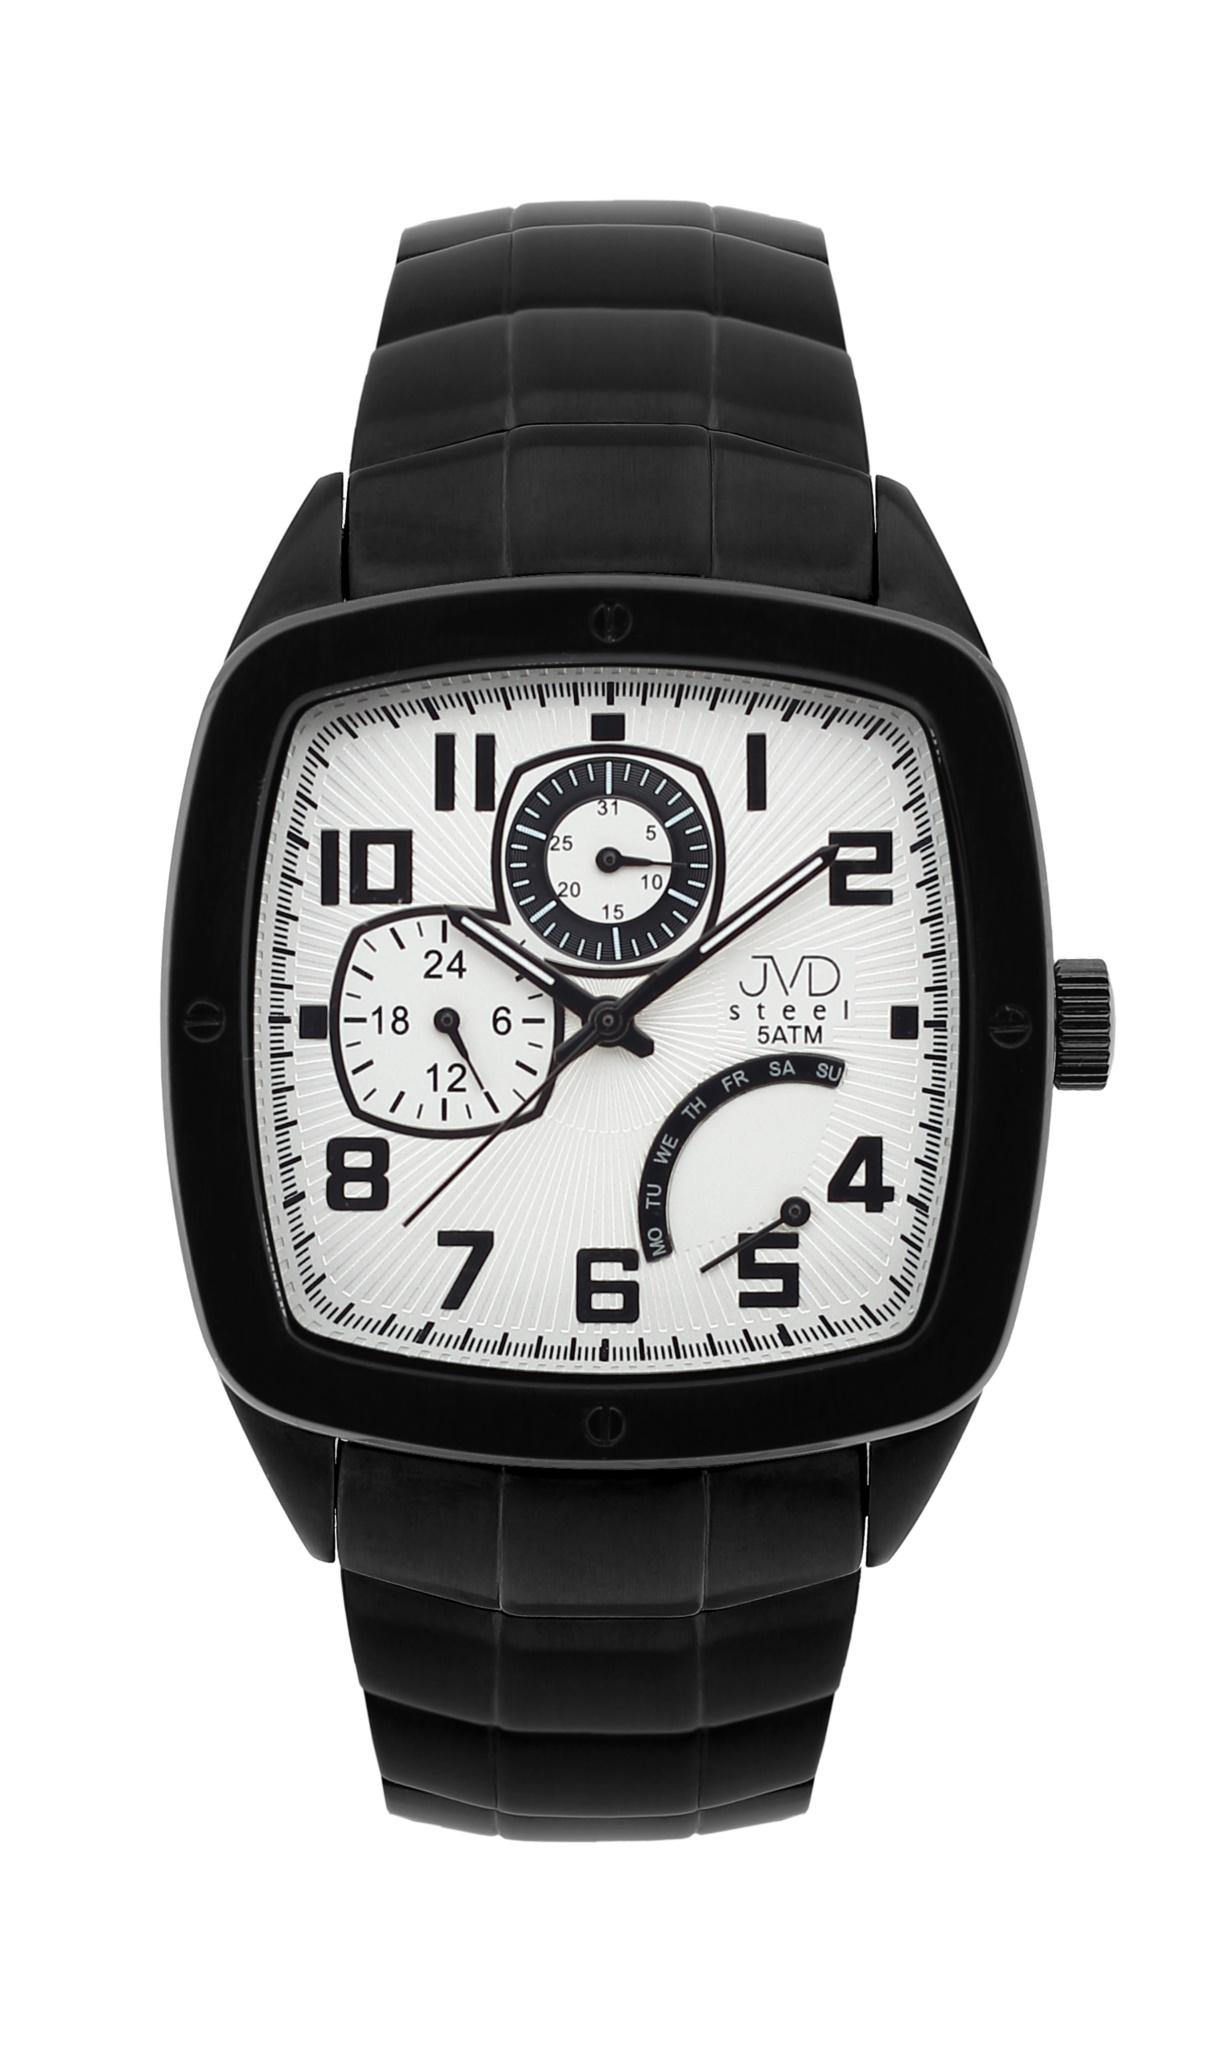 Pánské vodoodolené hranaté exkluzivní náramkové hodinky J1021.2 - 5ATM POŠTOVNÉ ZDARMA!